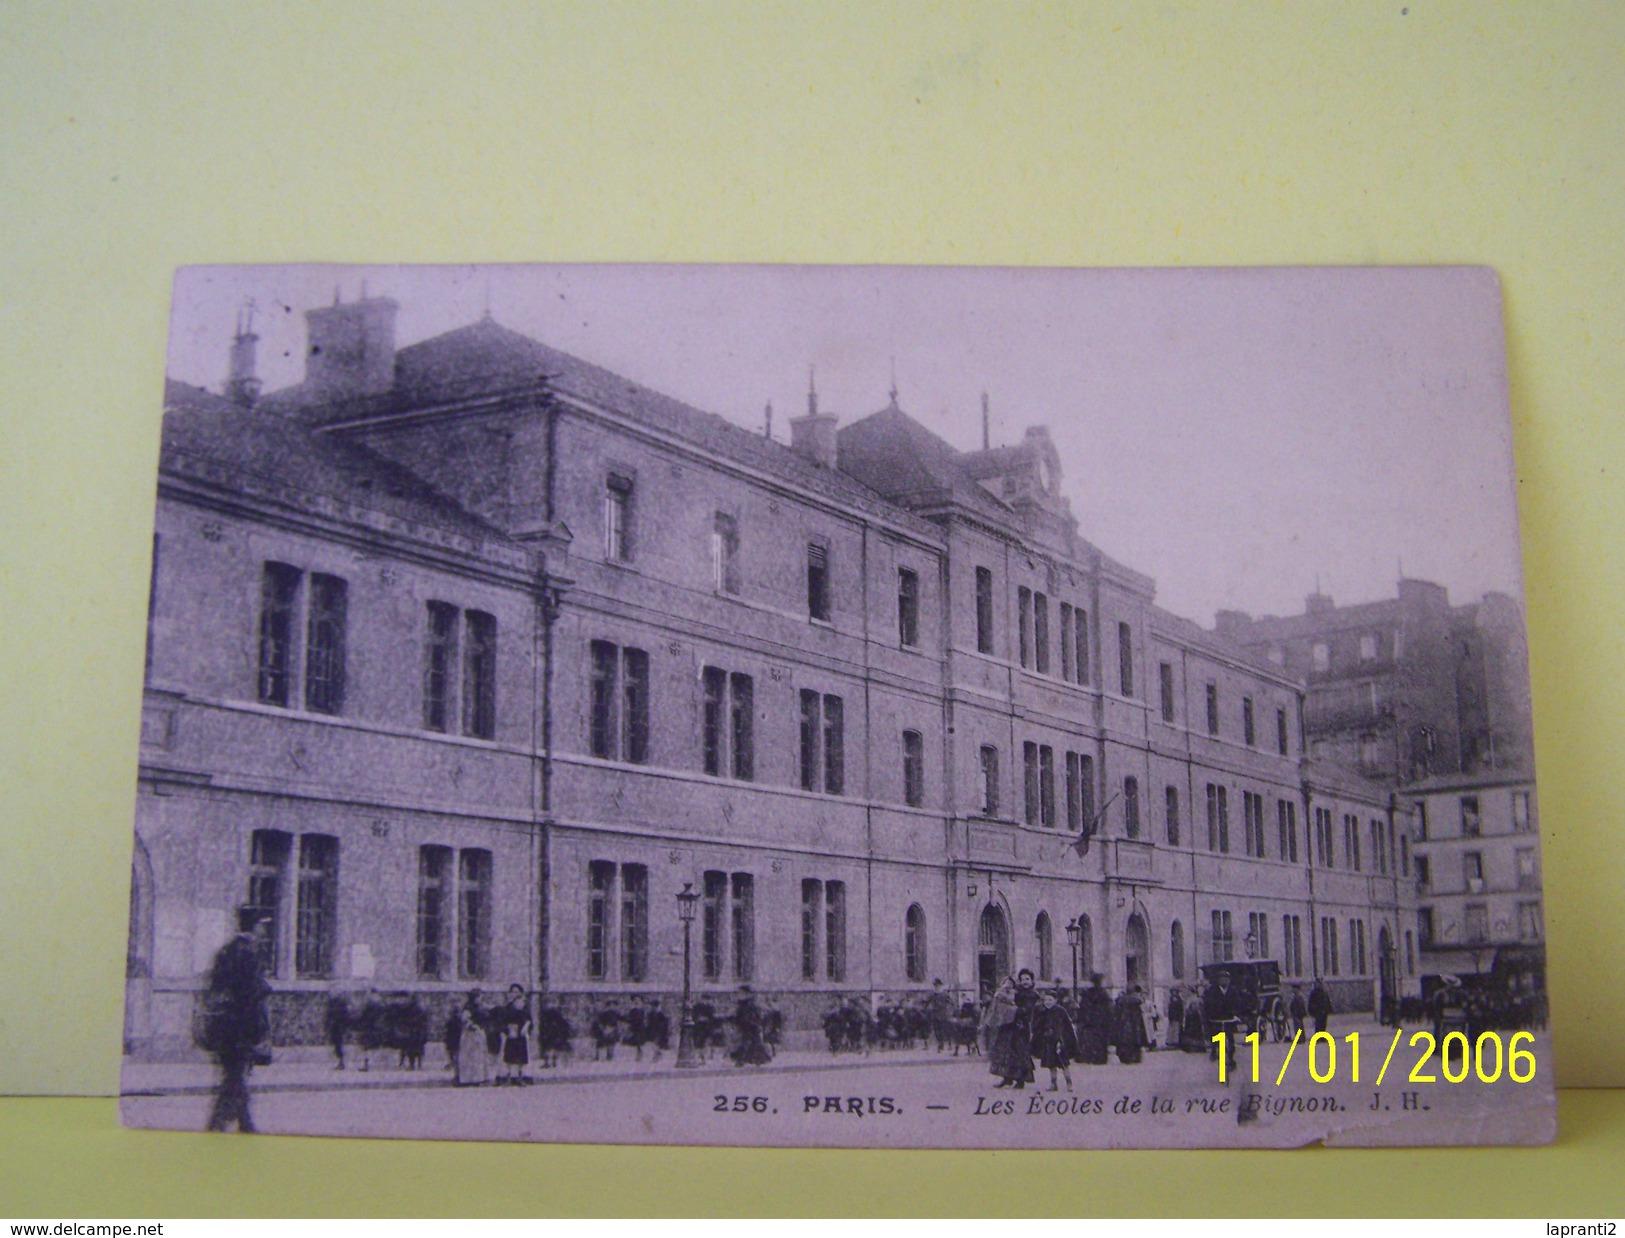 PARIS (12°ARRONDISSEMENT) LES ECOLES DE LA RUE BIGNON. - Arrondissement: 12